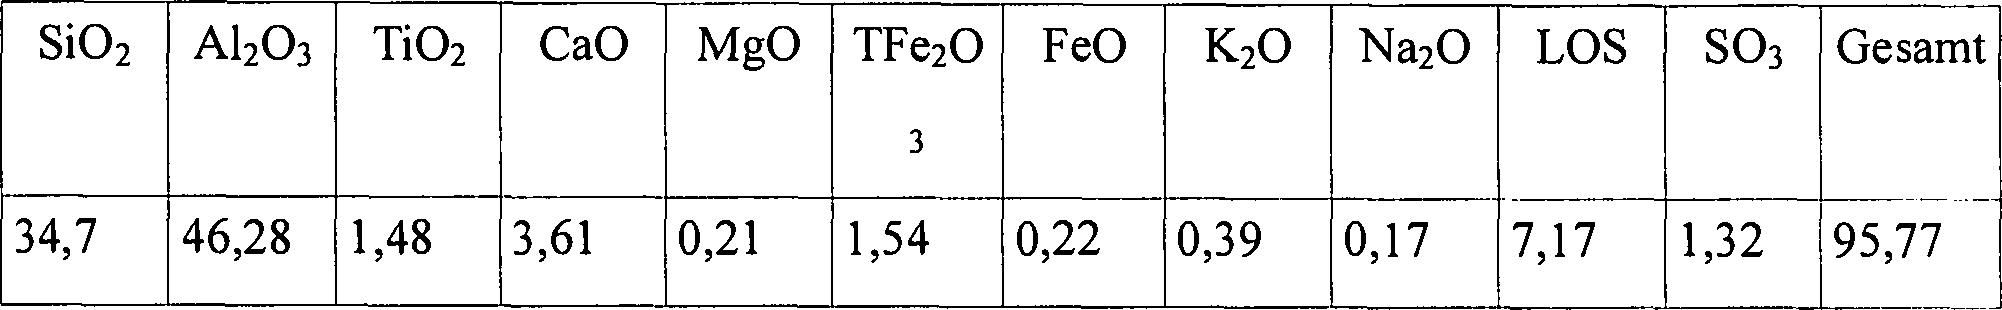 Figure DE112011101460B4_0002